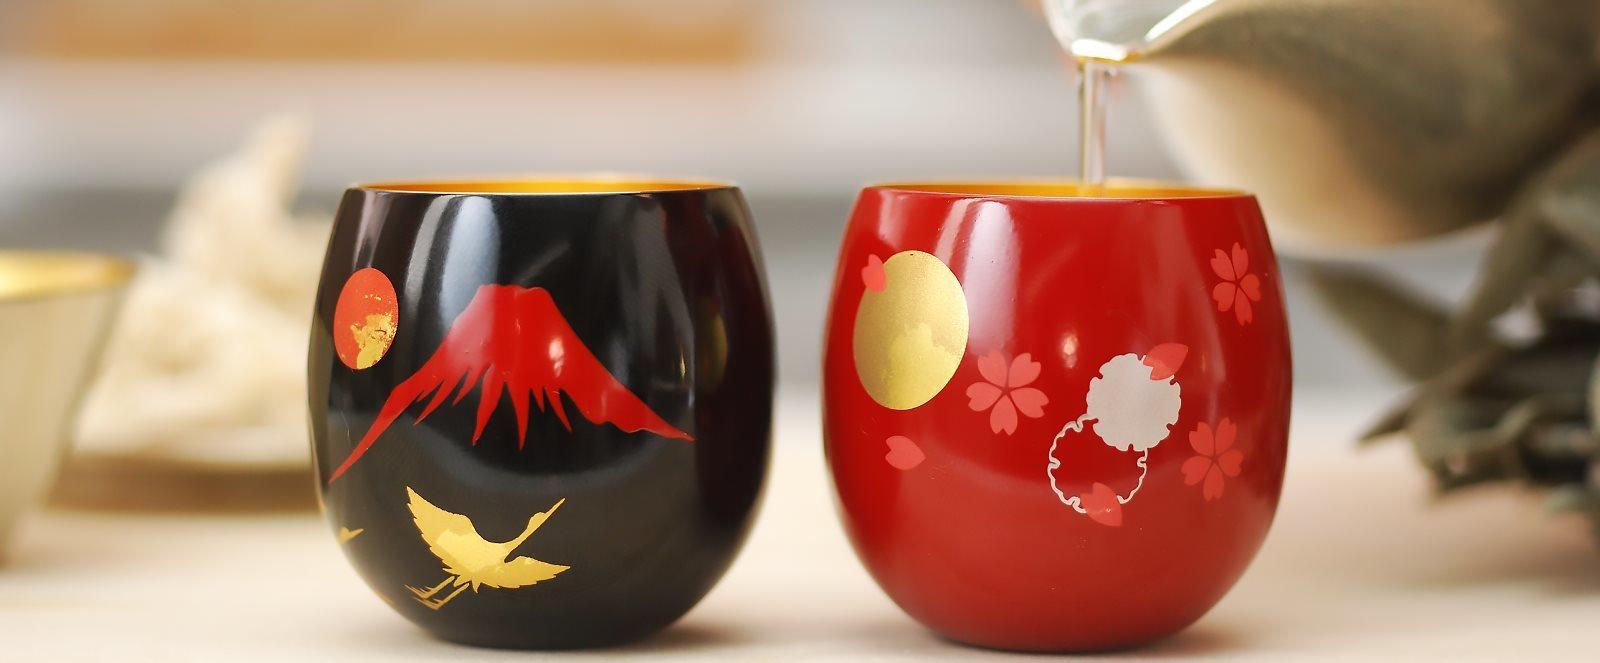 Global Kitchen Japan